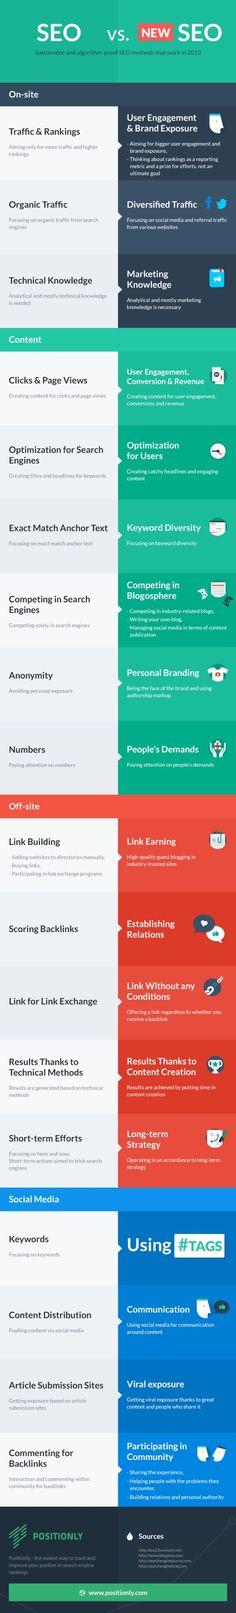 SEO vs new SEO #infografia #infographic #seo